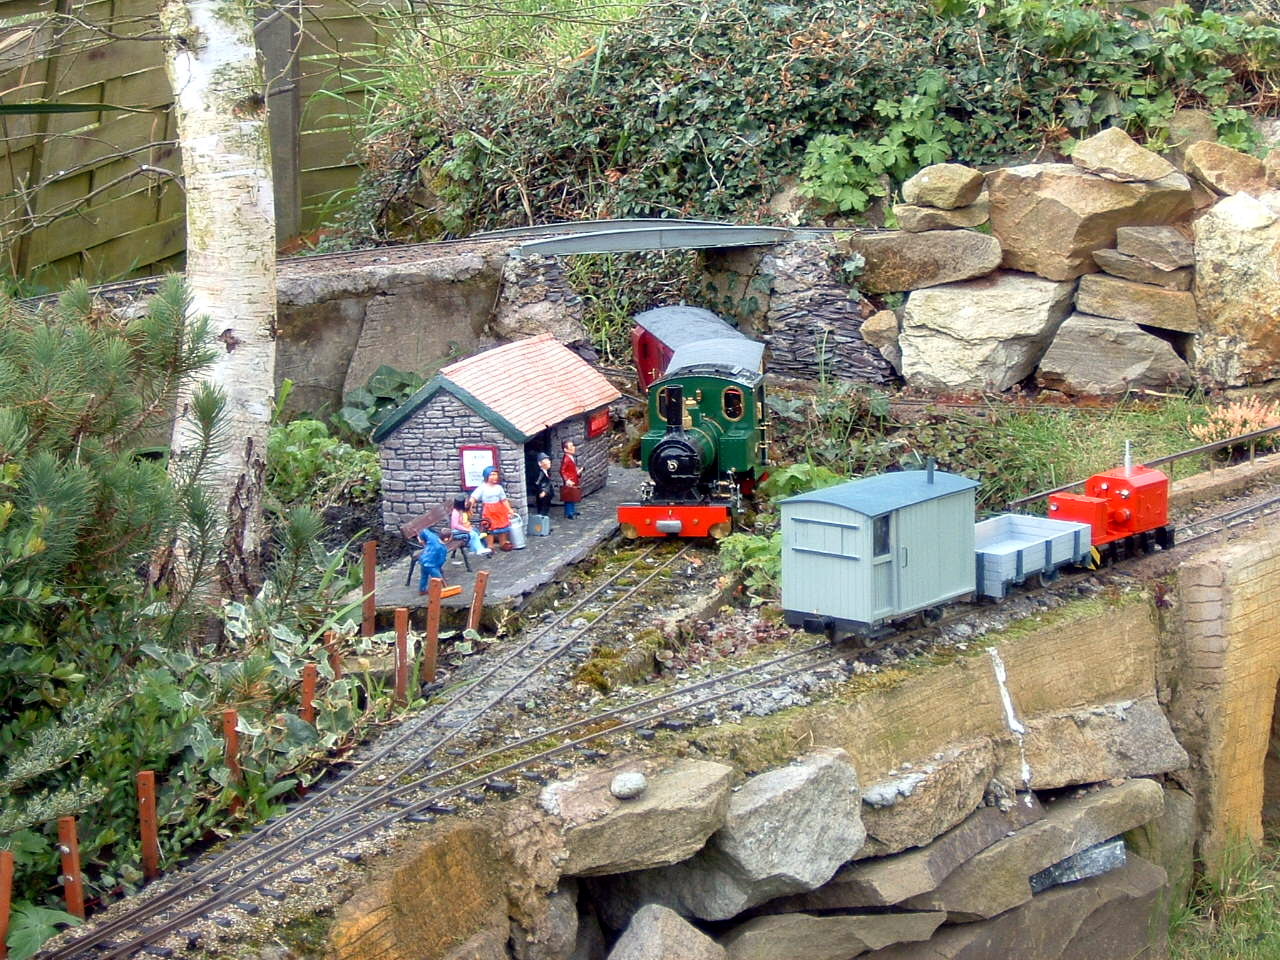 Home Built Garden Tractor Plans